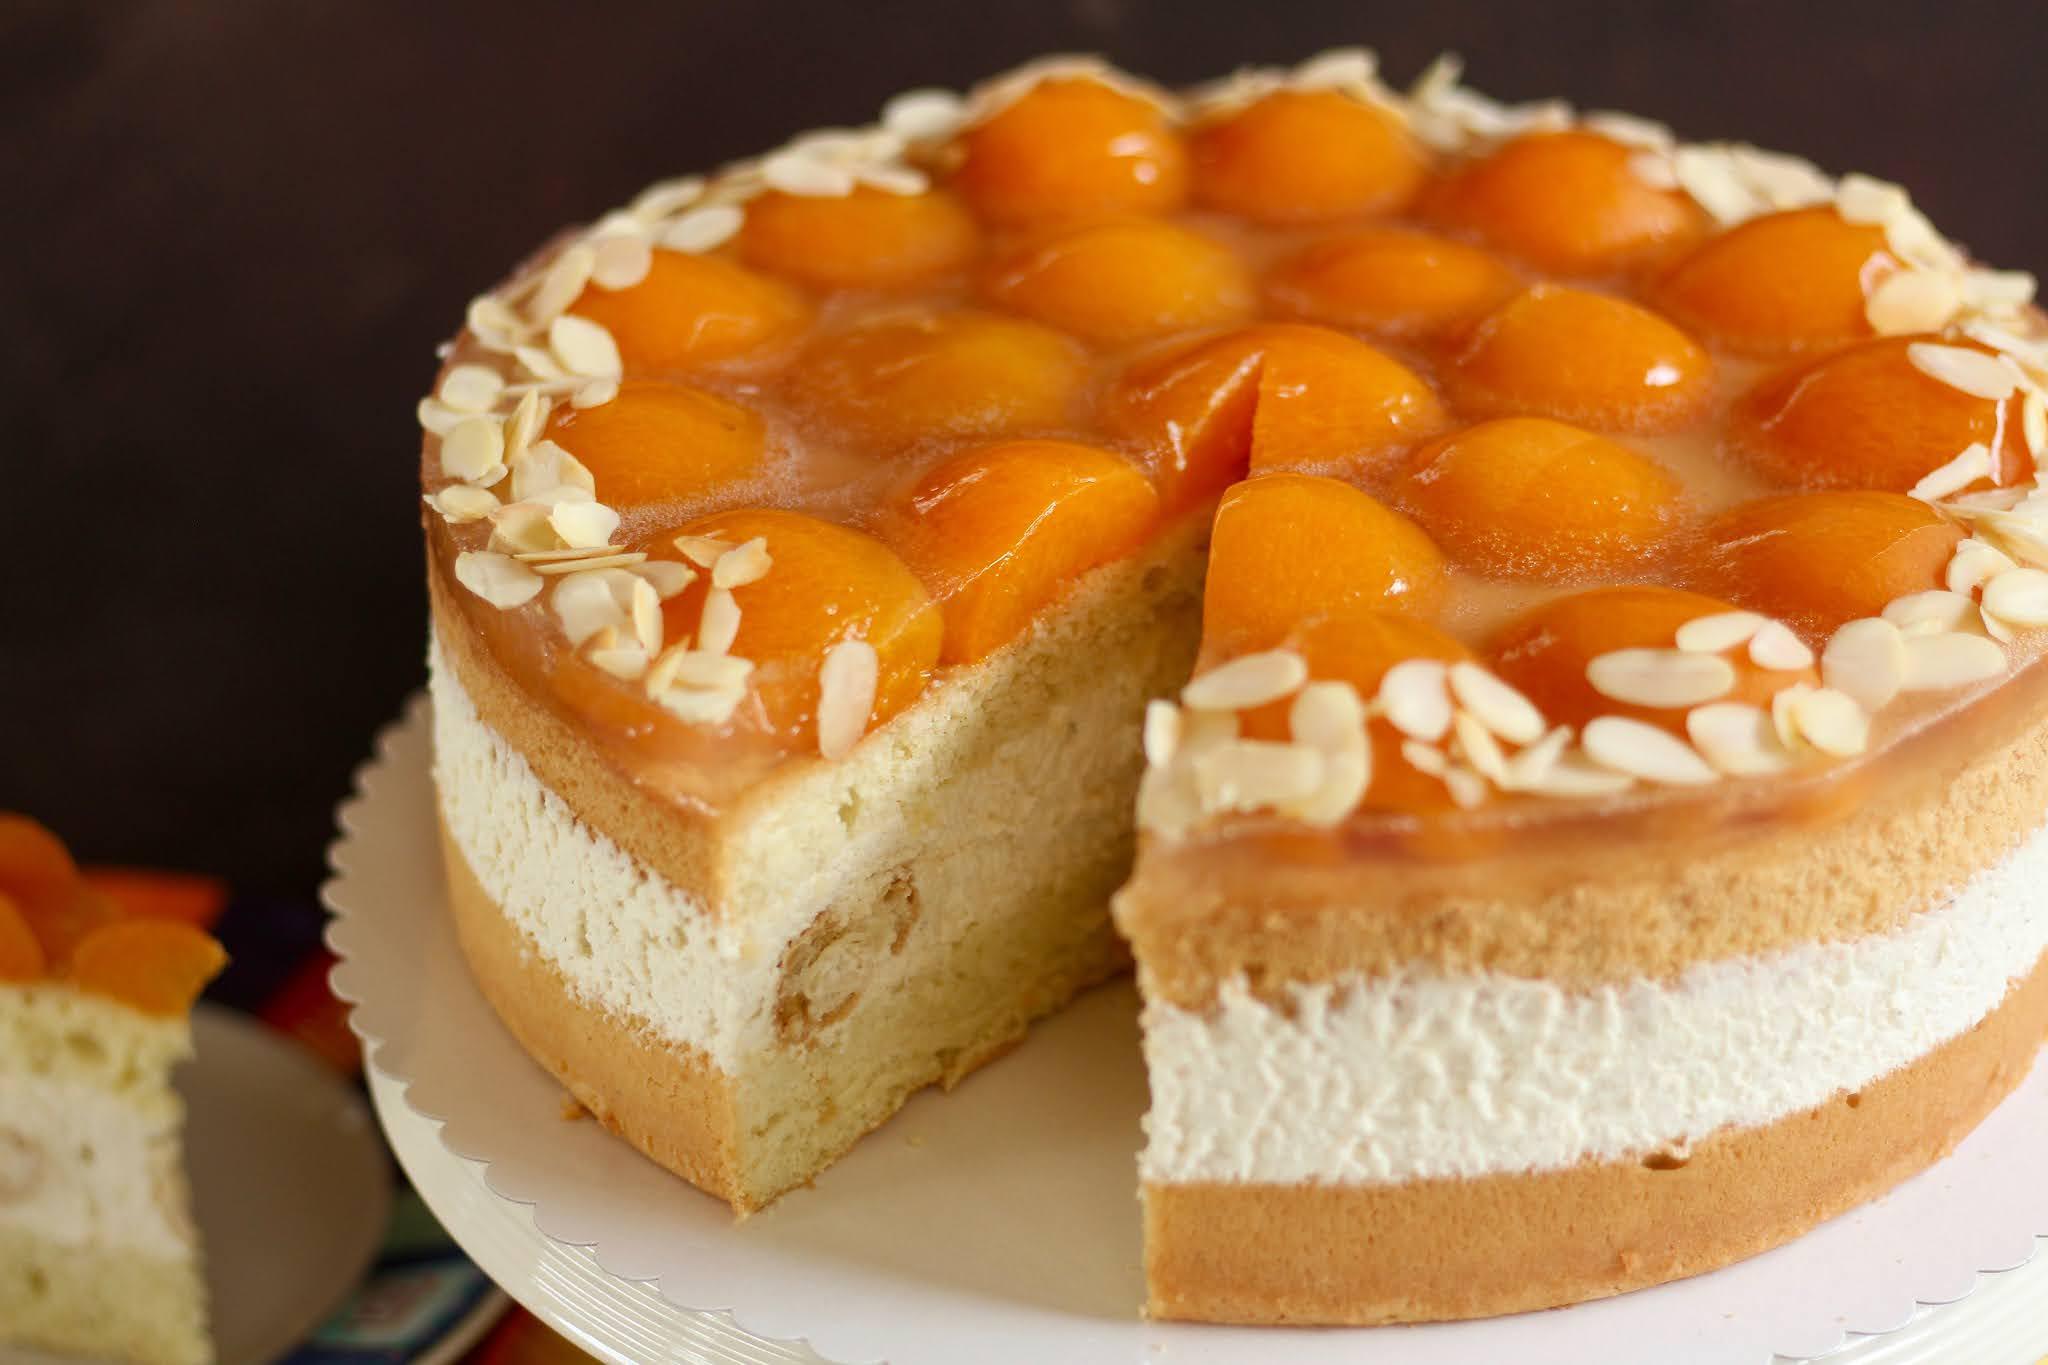 Super schnelle, einfache Windbeutel-Torte mit Aprikosen / Ostertorte   Rezept und Video von Sugarprincess